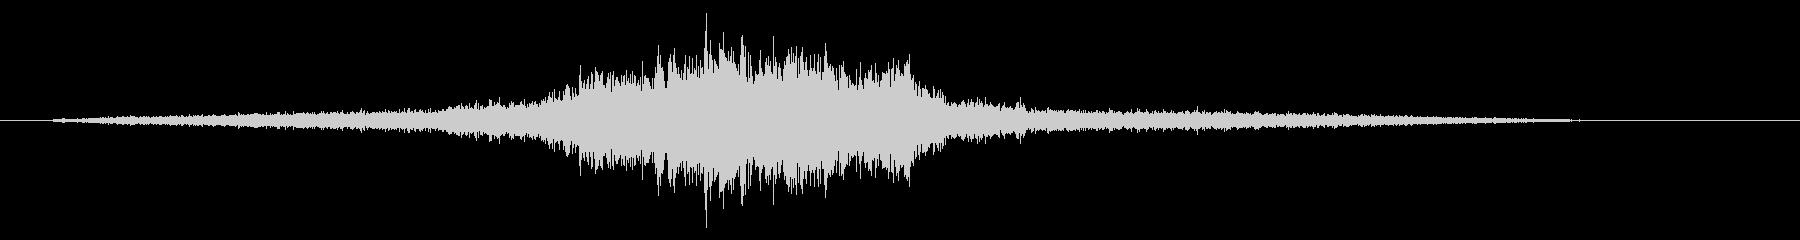 オーシャンサーフオンロックス-ロッ...の未再生の波形